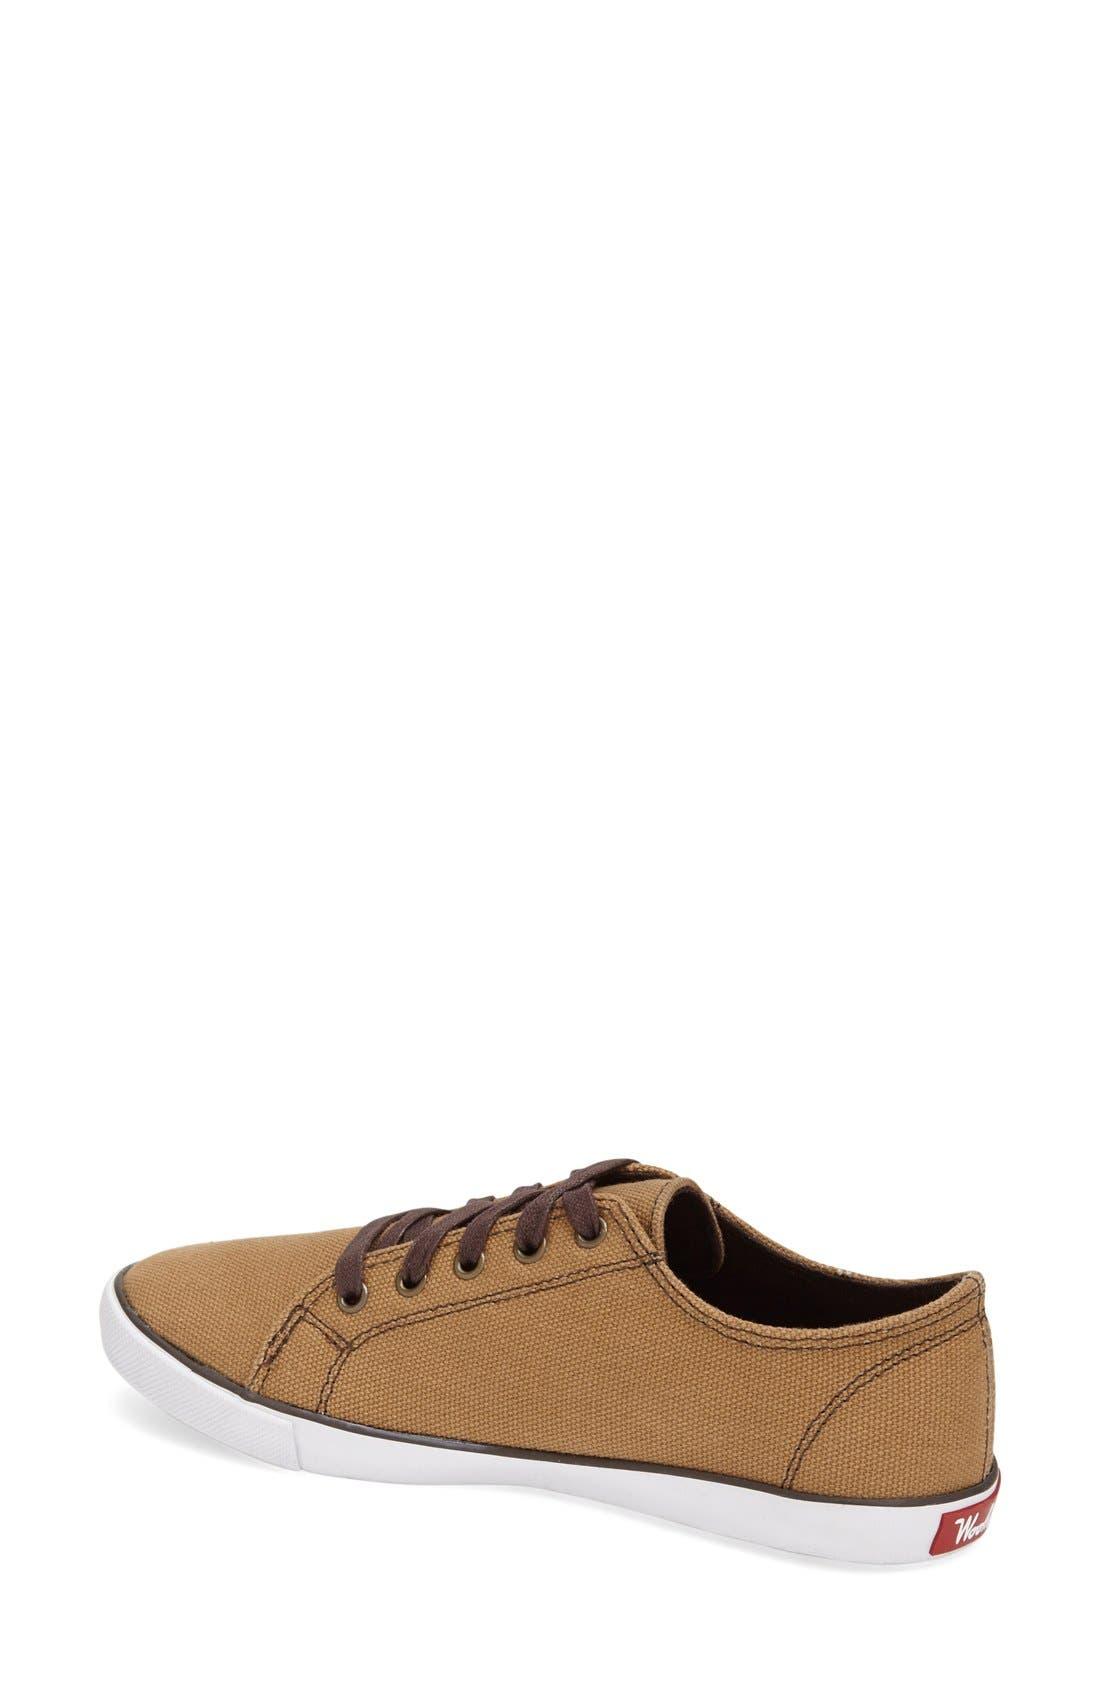 'Strand' Sneaker,                             Alternate thumbnail 2, color,